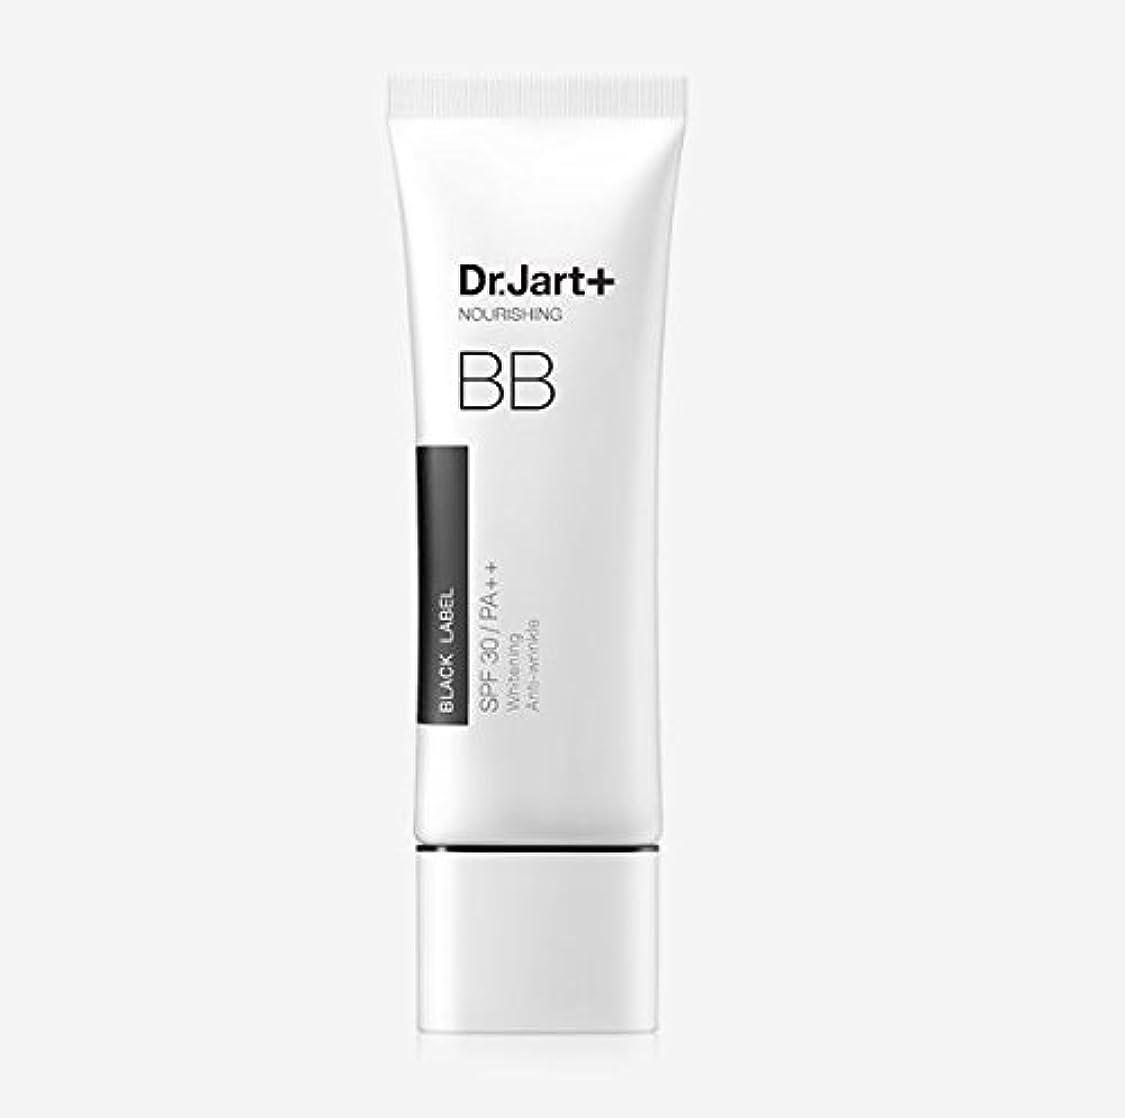 鳴り響く衰える先見の明[Dr. Jart] Black Label BB Nourishing Beauty Balm 50ml SPF30 PA++/[ドクタージャルト] ブラックラベル BB ナリーシン ビューティー バーム 50ml SPF30...